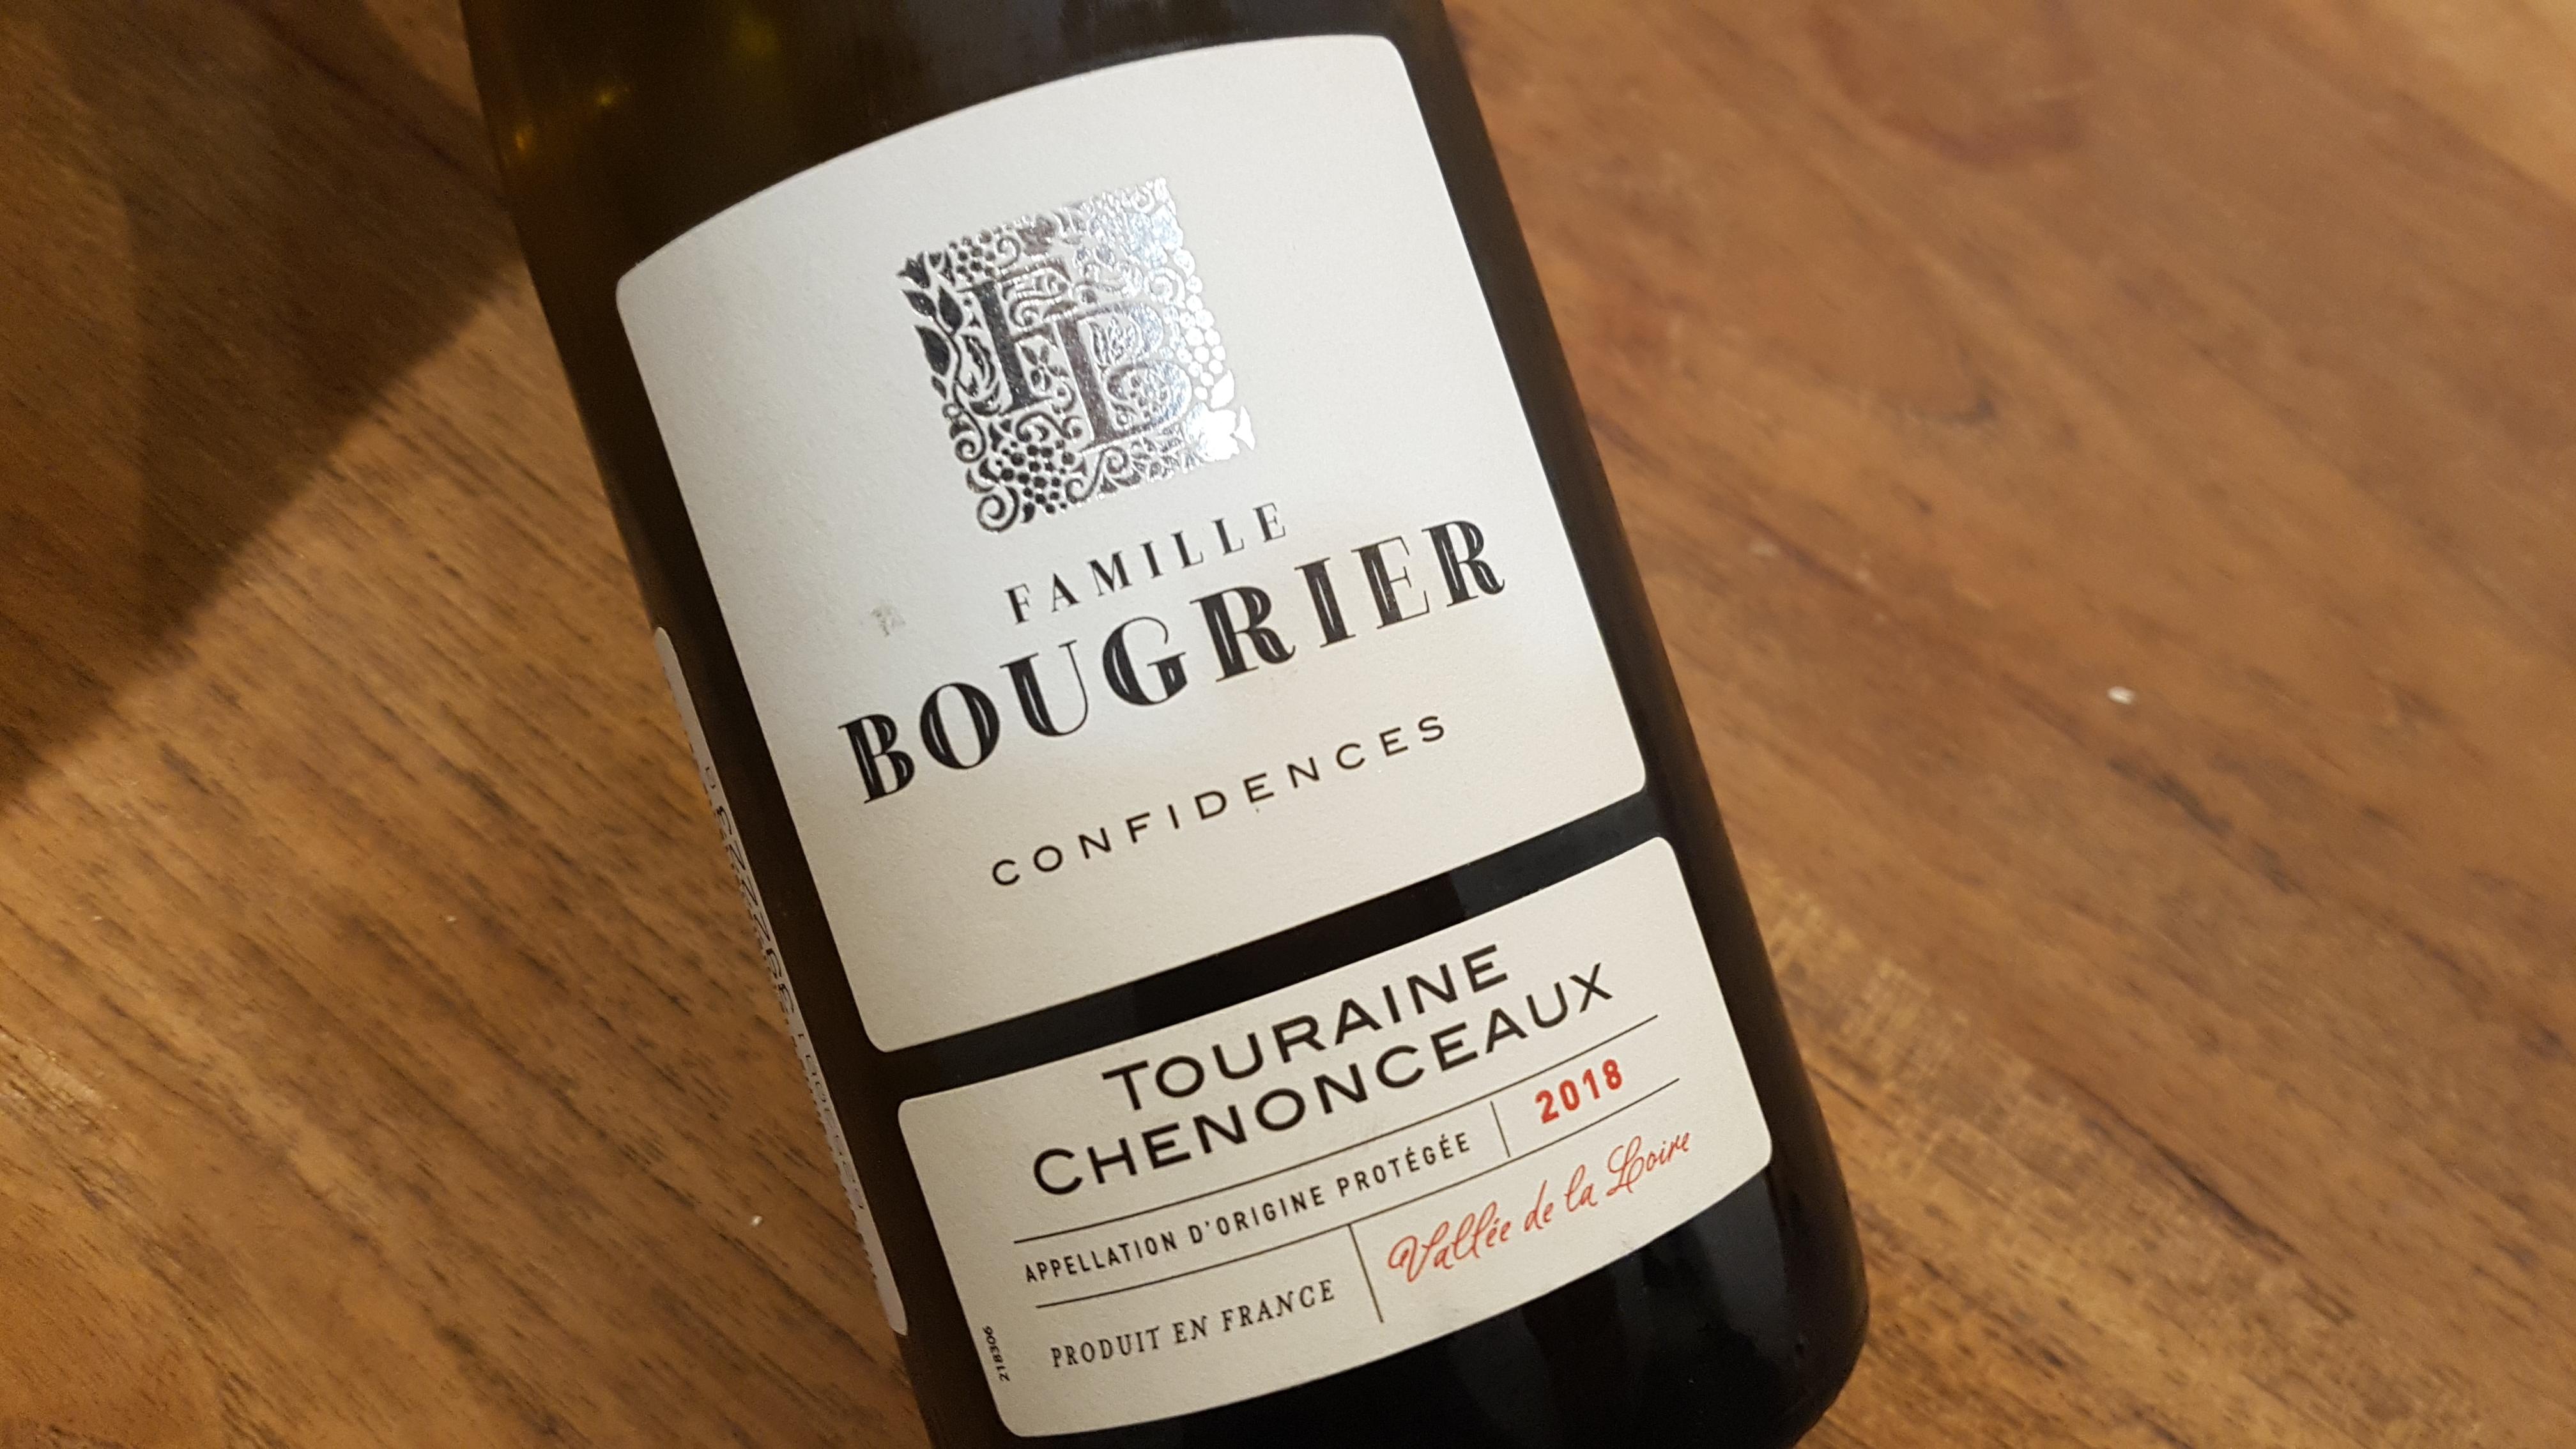 Famille Bougrier Touraine Chenonceaux Confidences 2018 – Loire